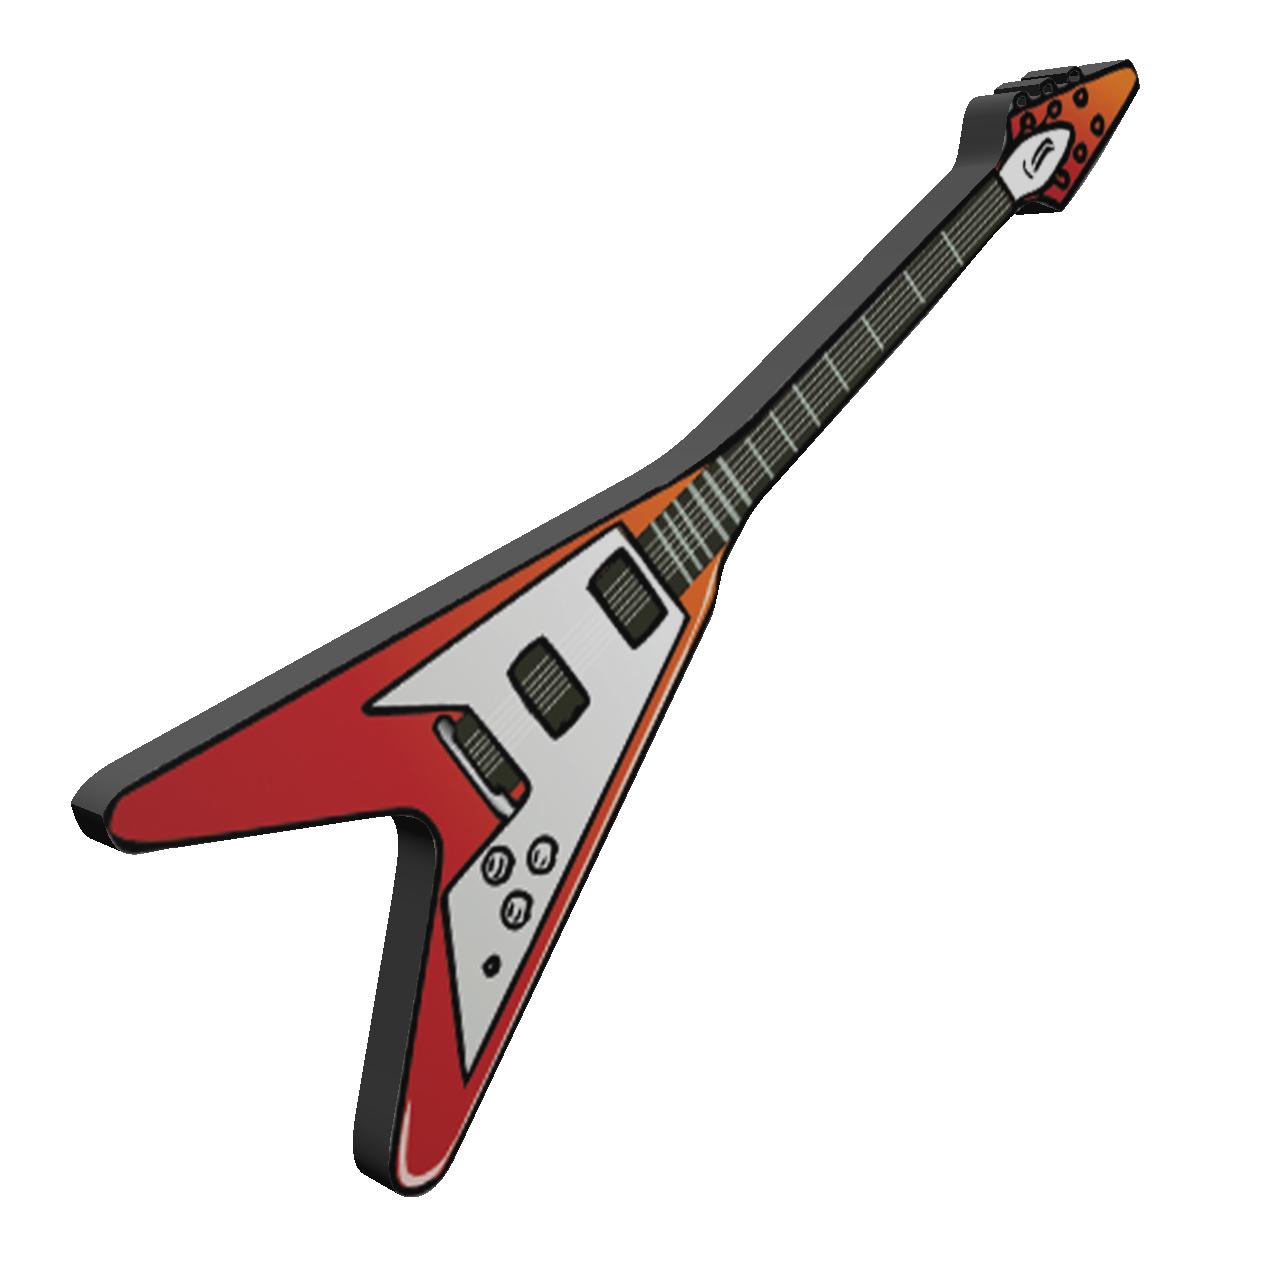 بررسی و {خرید با تخفیف} استیکر طرح گیتار مدل Electric Guitar اصل